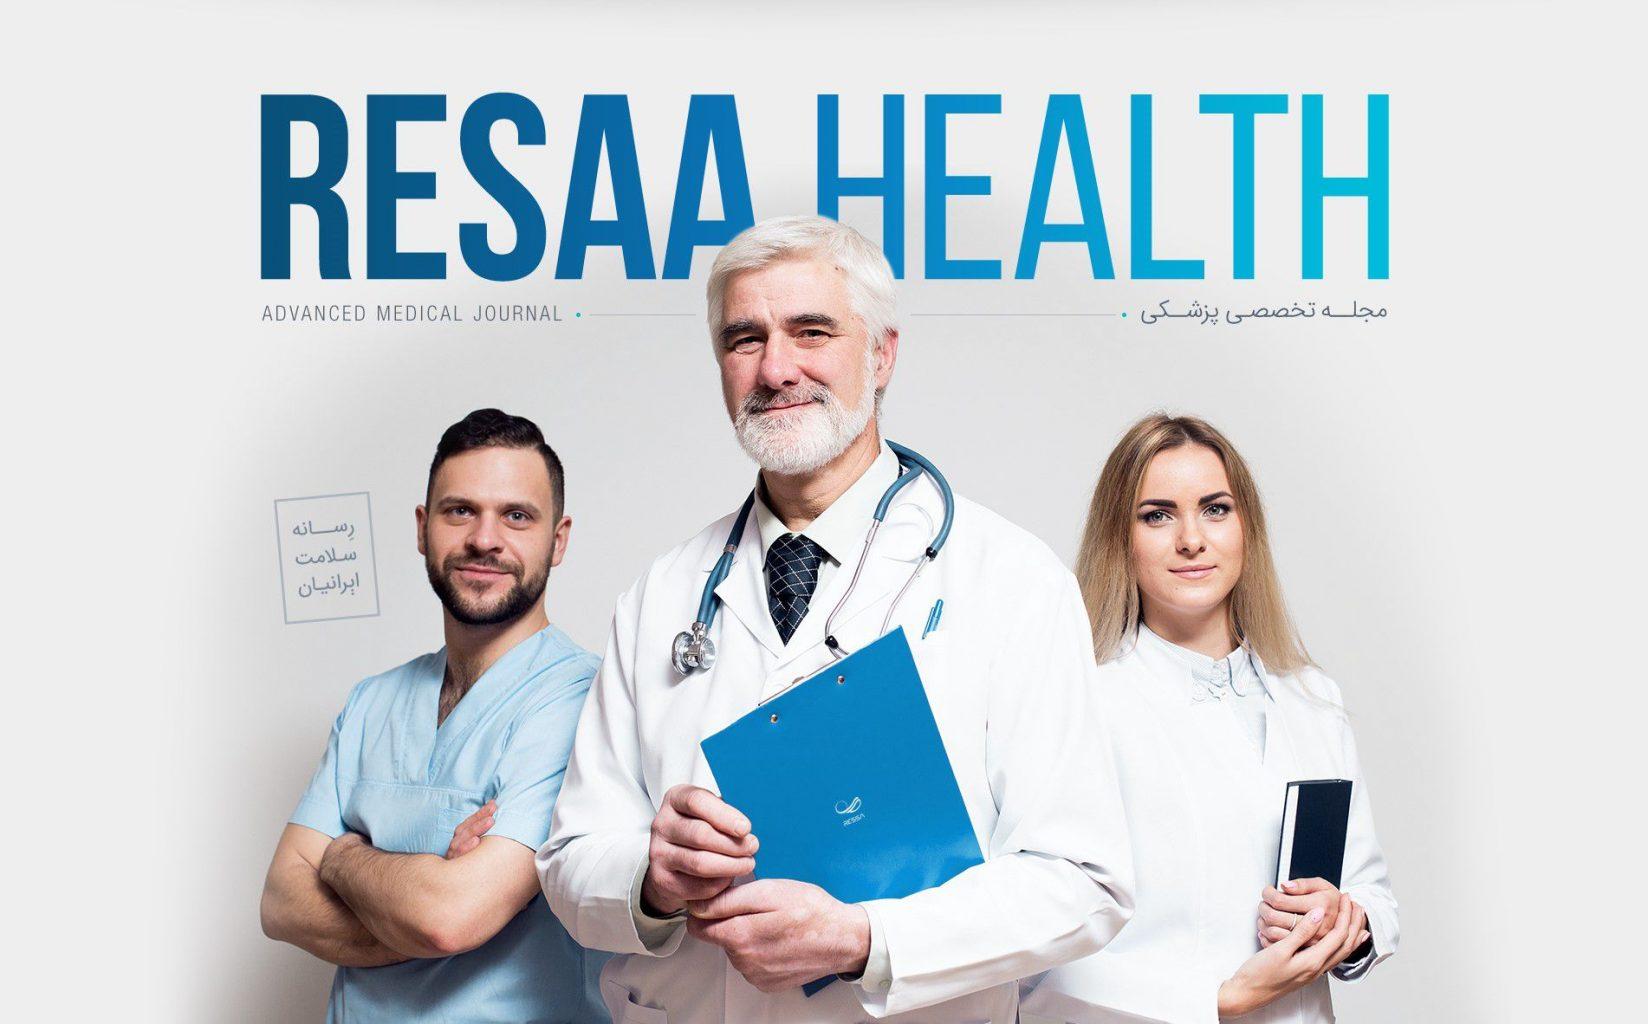 مجله پزشکی رسا